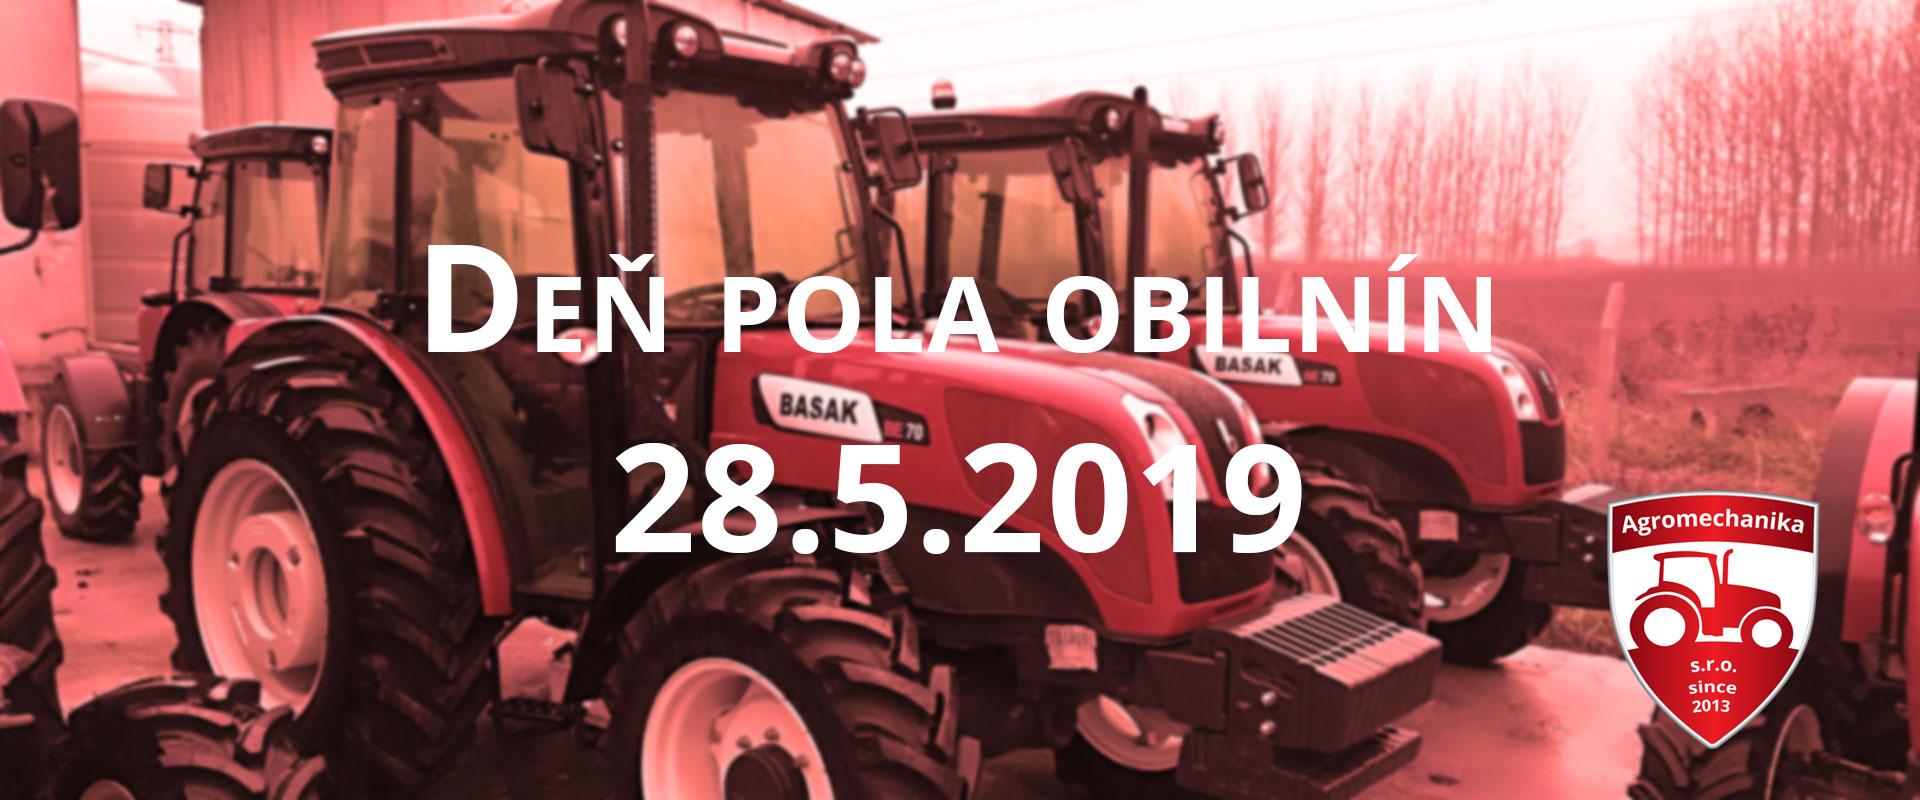 agromechanika_DenPolaObilnin2019_web_banner2